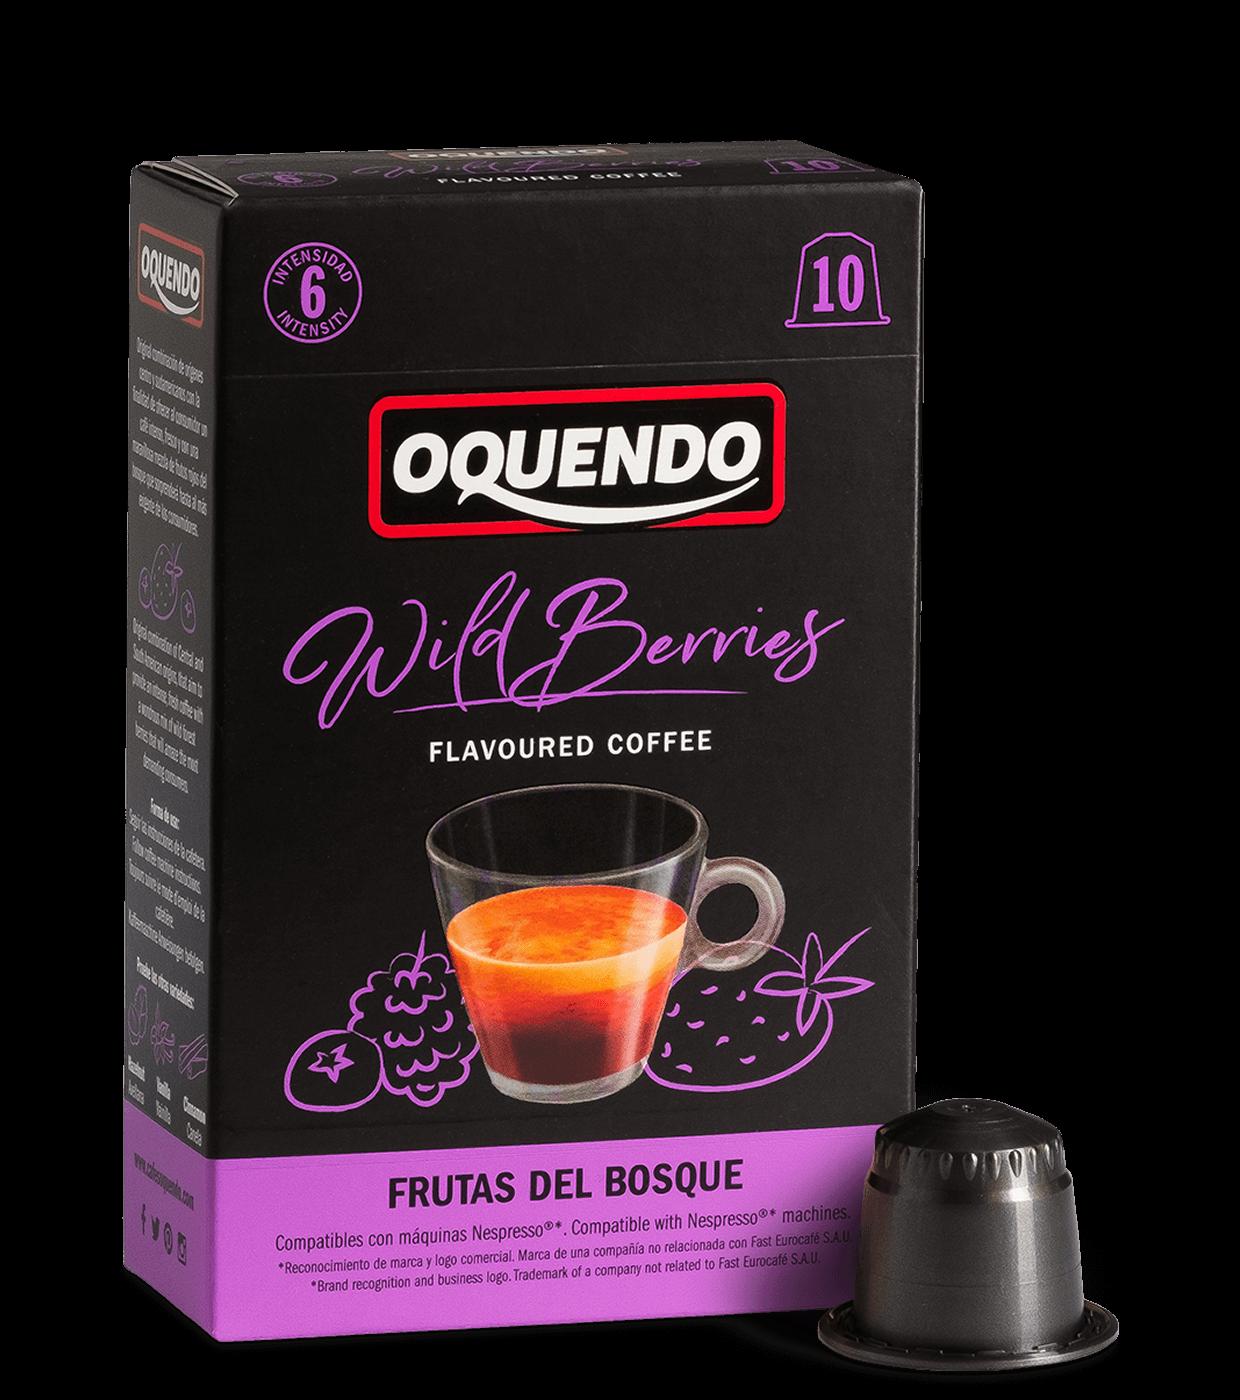 oquendo-21-nespresso-frutas_del_bosque